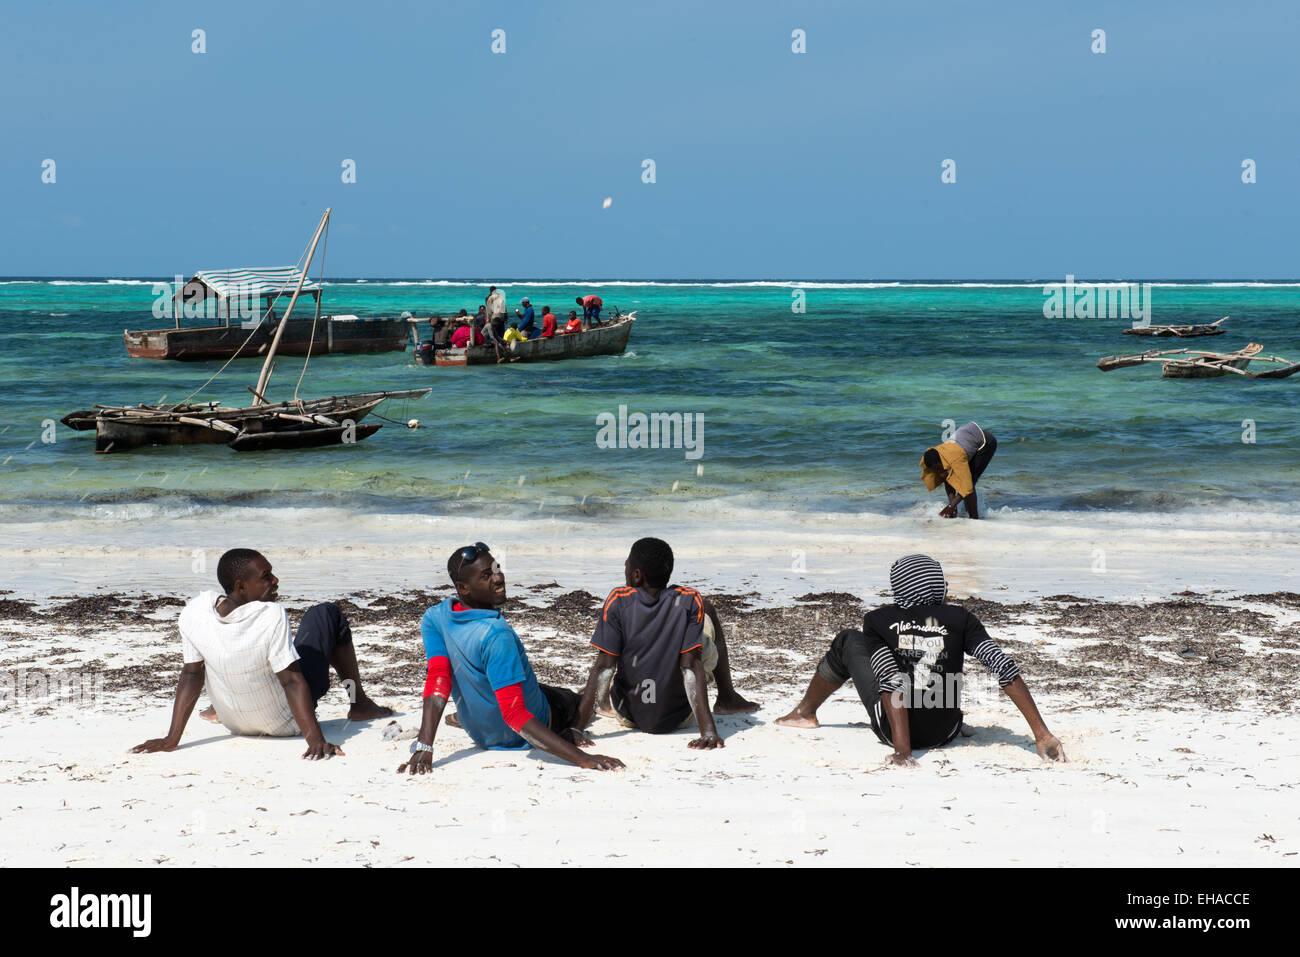 Zanzibar, Matemwe, Fishermen On Sea Shore - Stock Image